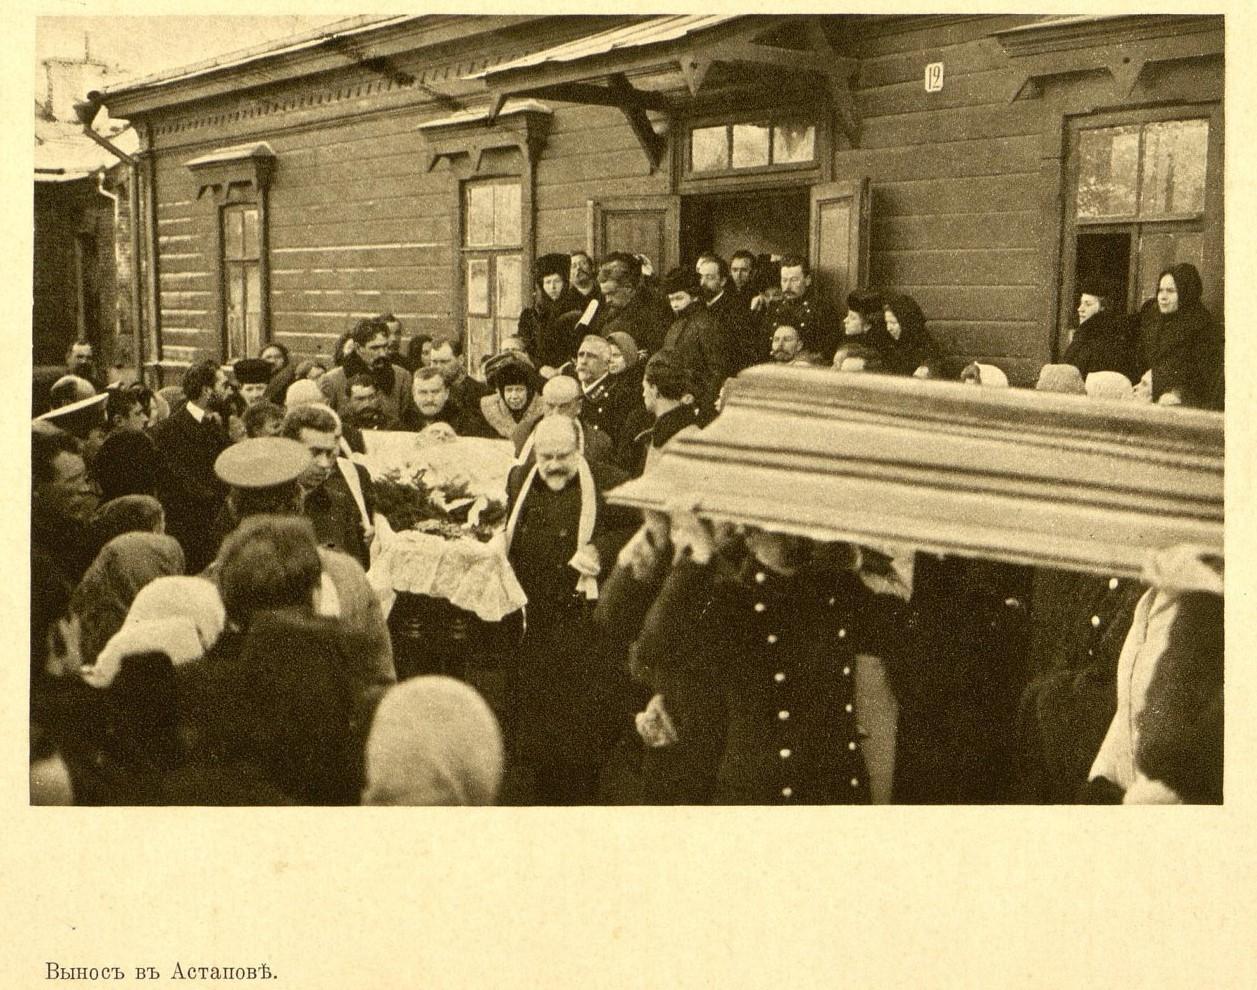 Odstranitev telesa Leva Tolstoja v Astapovu, 1910